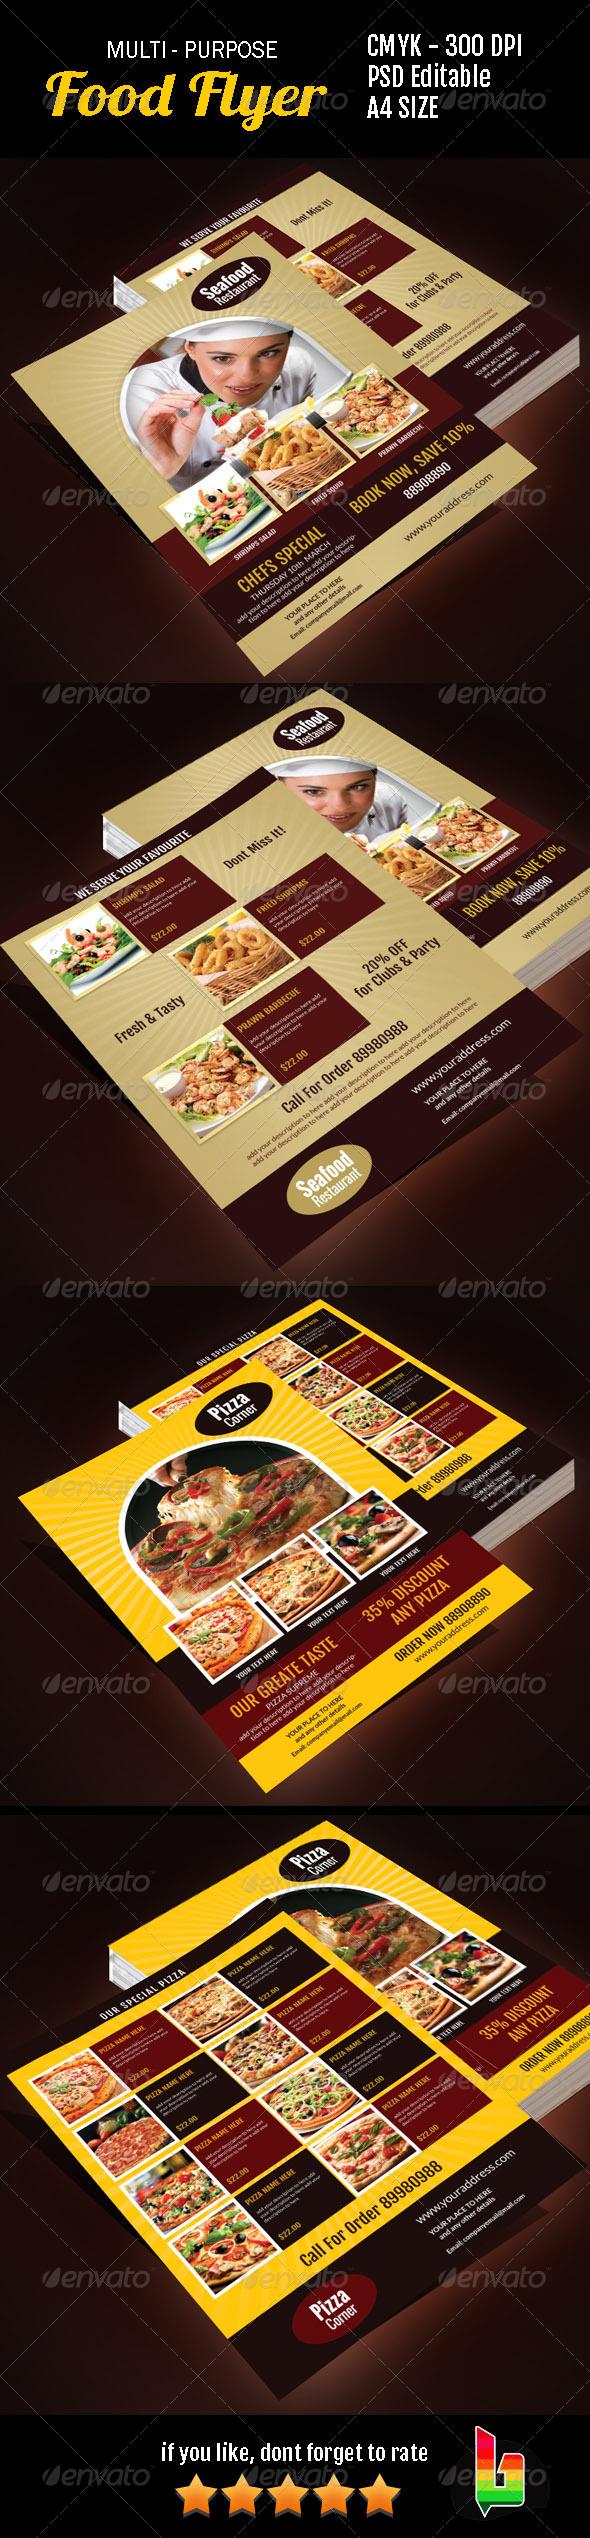 GraphicRiver Multi Purpose Food Flyer 7009557